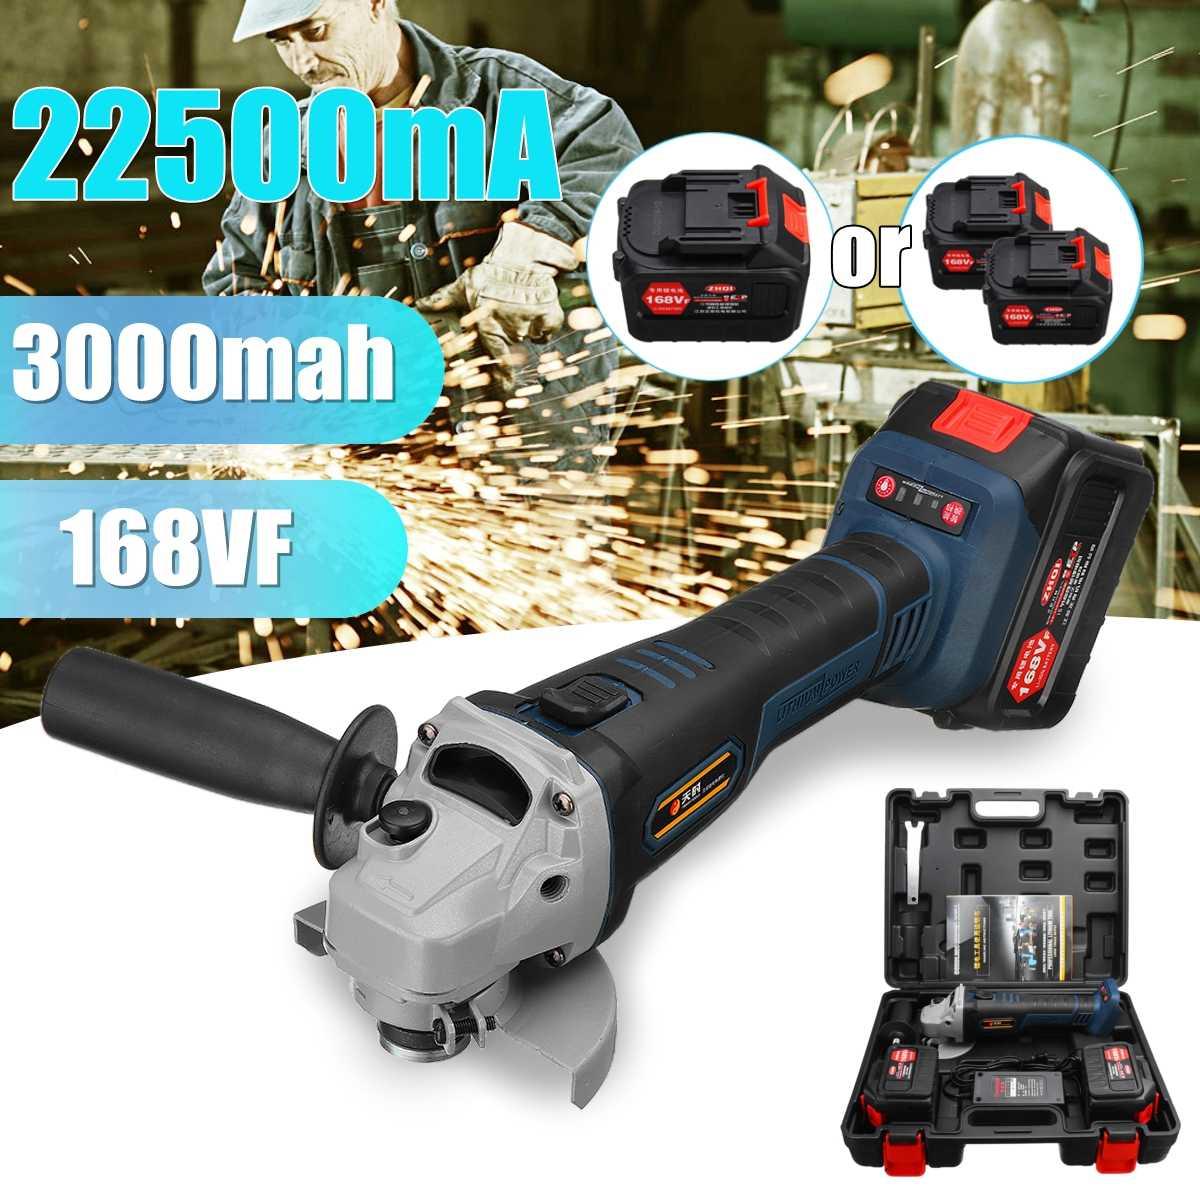 110 v ~ 220 v 168VF 3000 mah 22500mA Sans Fil Électrique Grinder Polisseuse Machine avec 2 Batterie Au Lithium